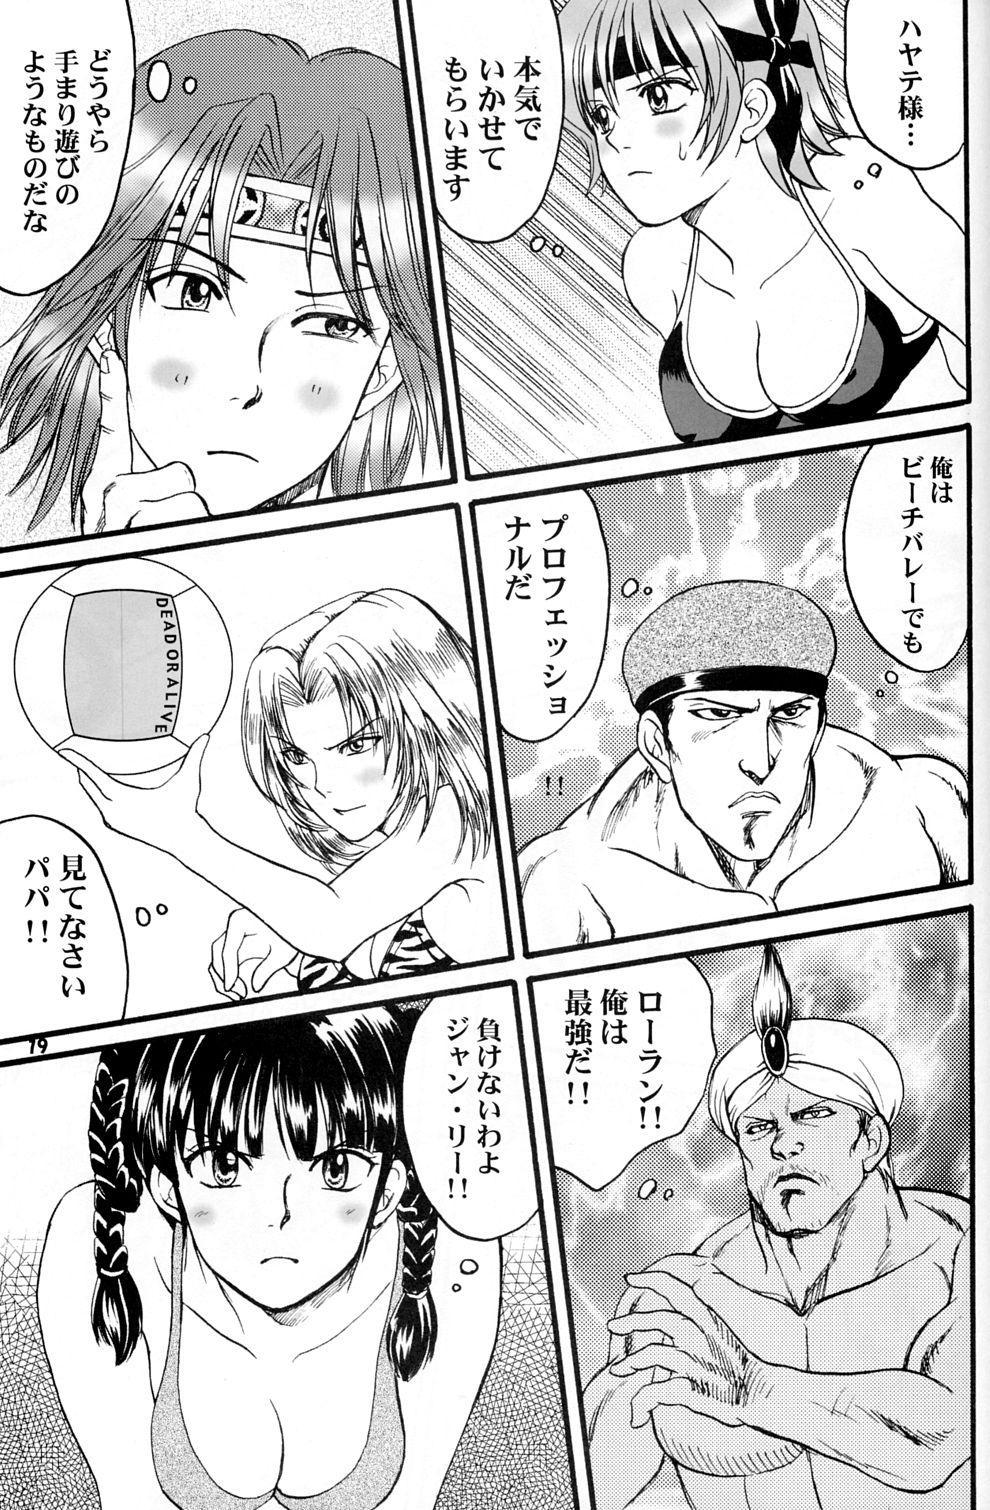 Gokujou desu yo! - It's XTREME! 17